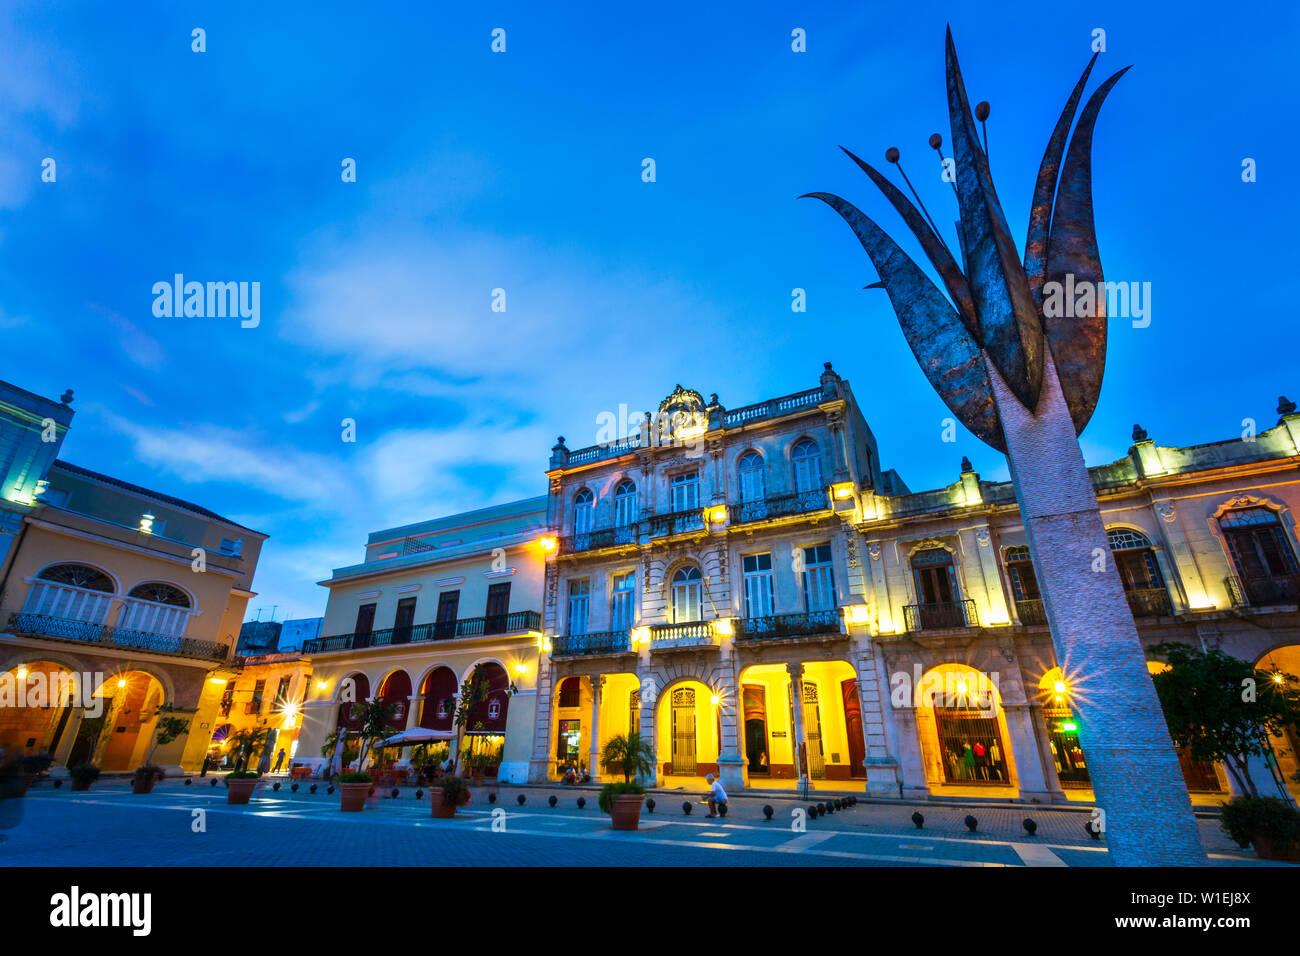 Place de la vieille ville, la Plaza Vieja, la nuit, La Habana Vieja, UNESCO World Heritage Site, La Habana, Cuba (La Havane), Antilles, Caraïbes, Amérique Centrale Banque D'Images